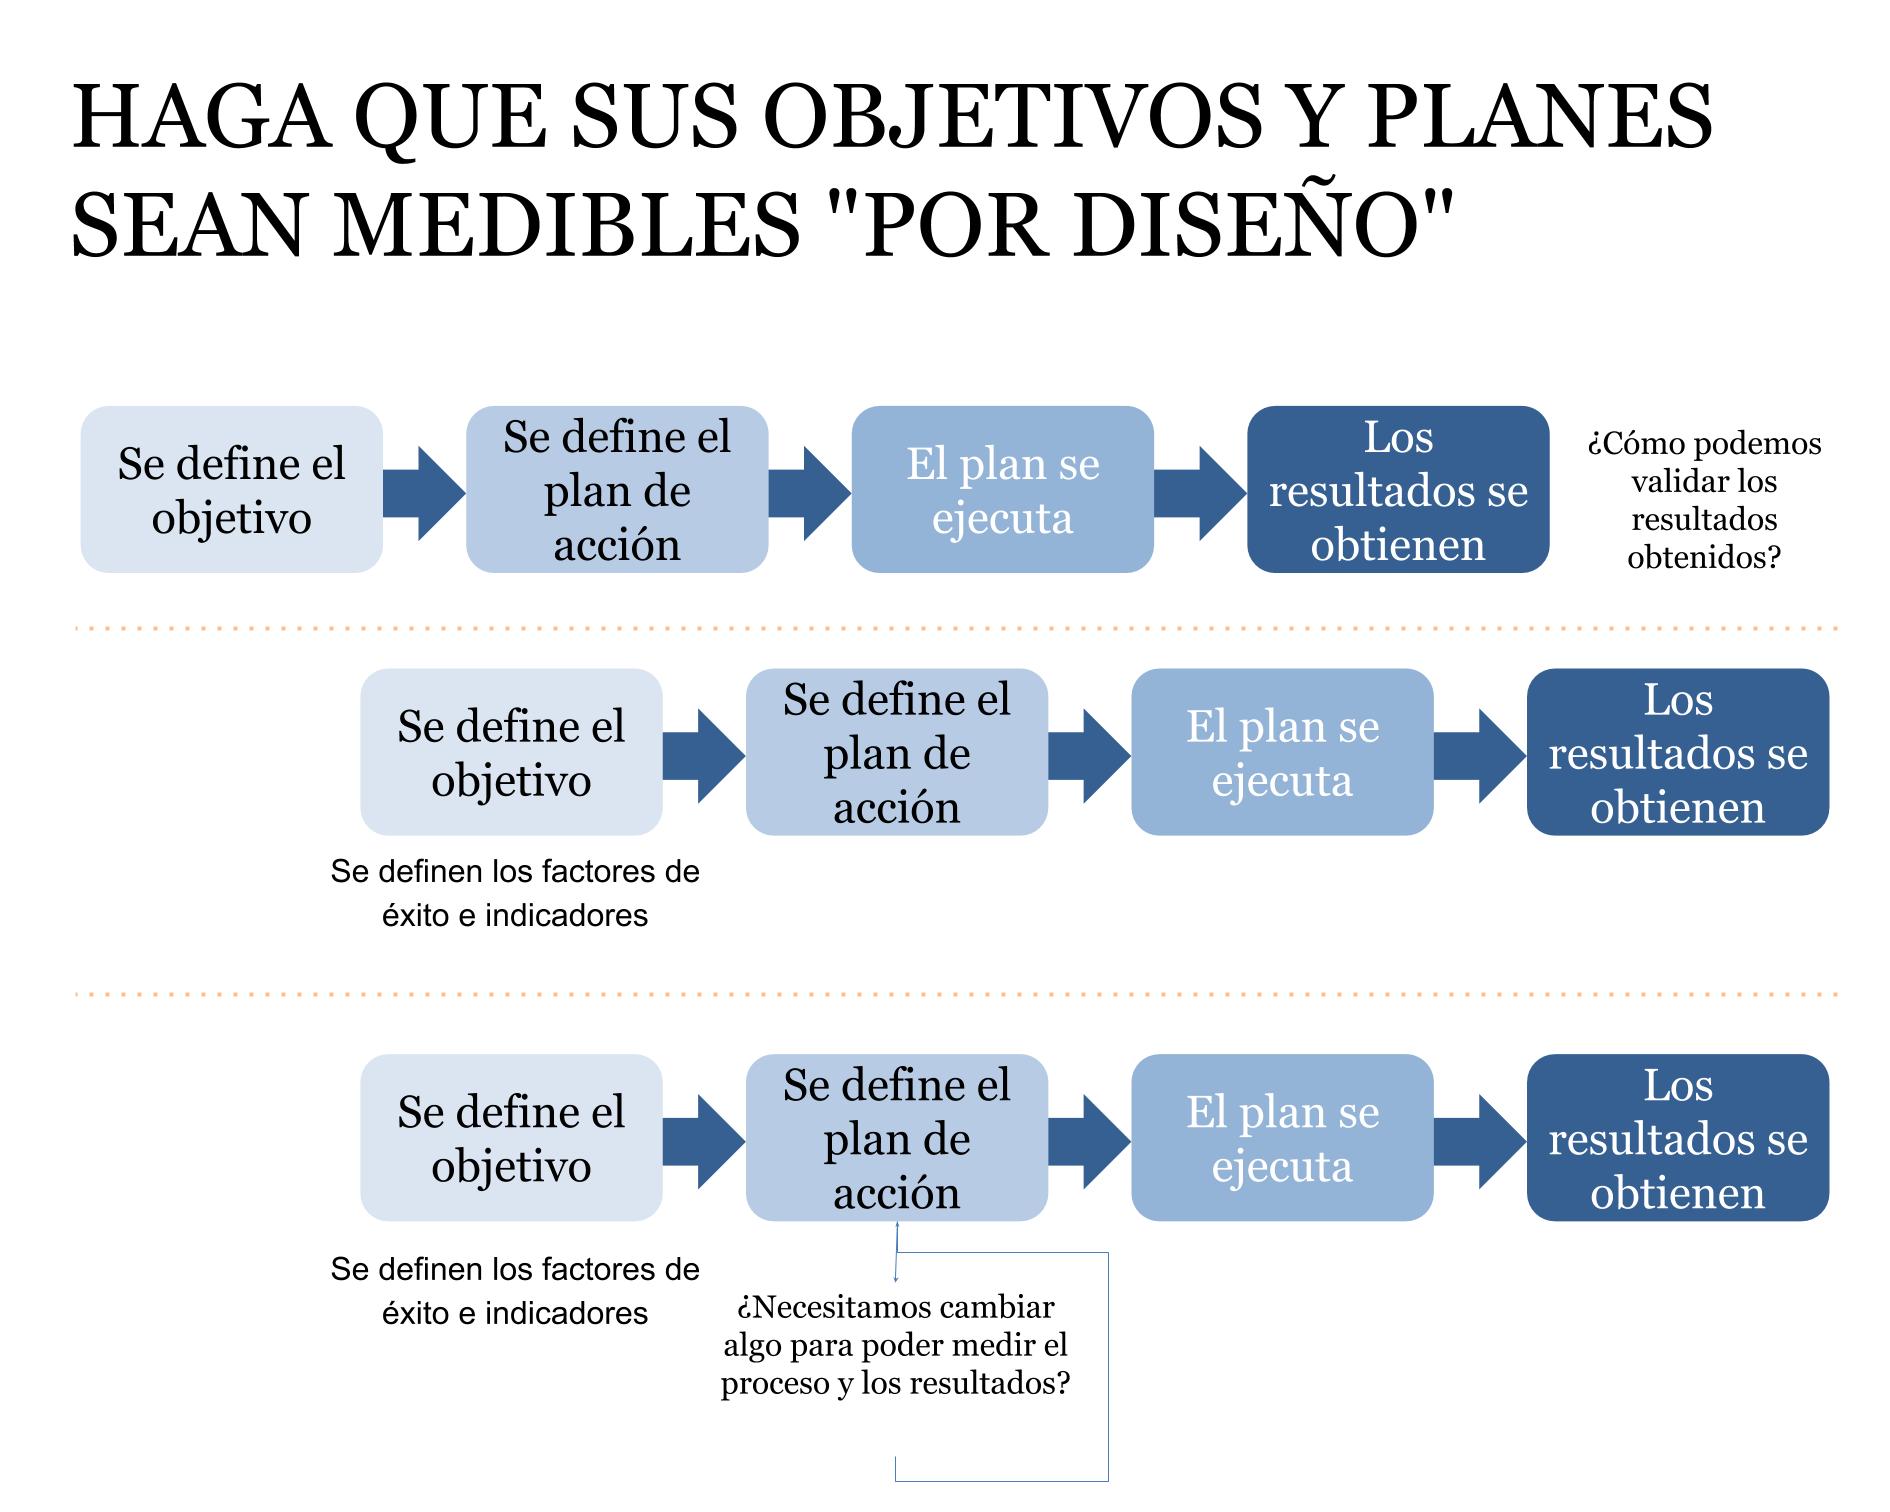 Desde solo un proceso a procesos y objetivos medidos por diseño